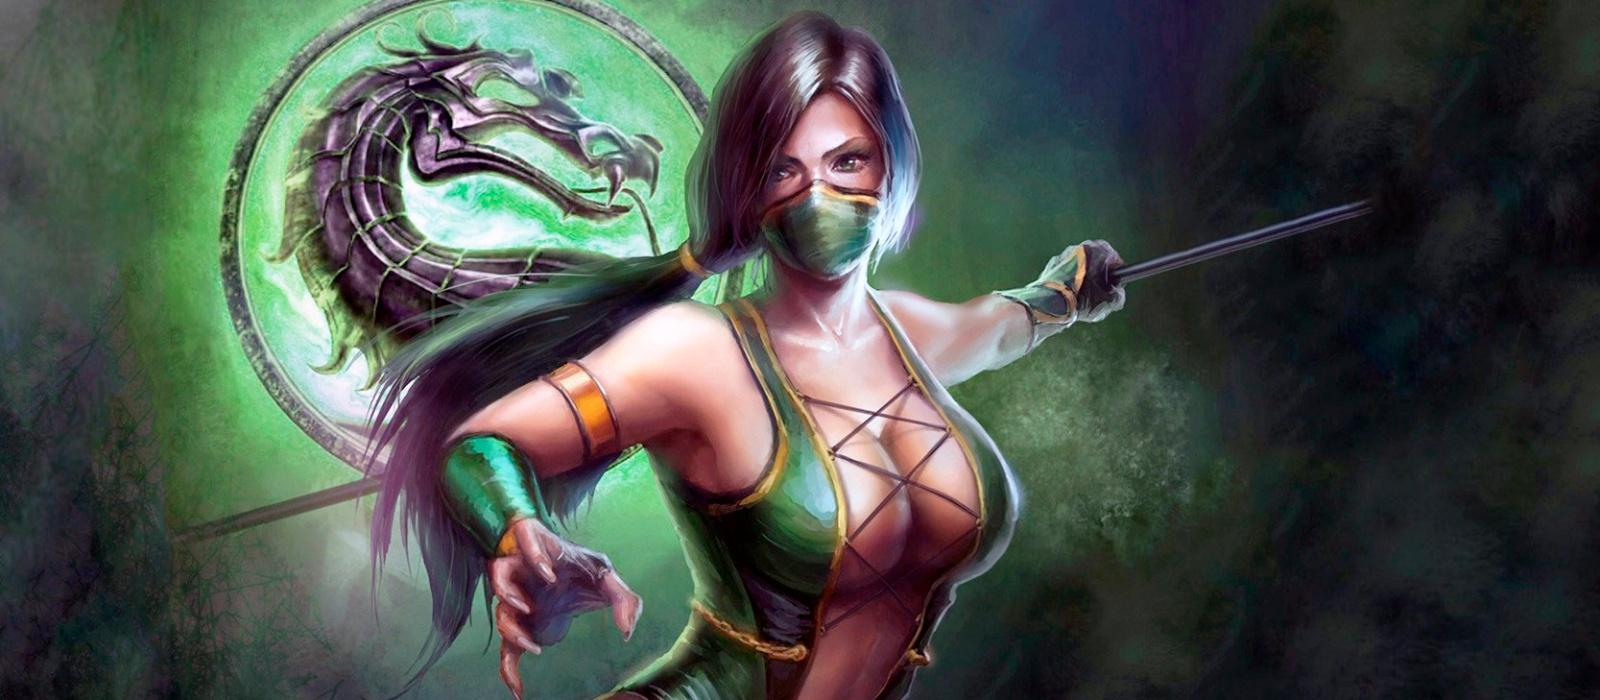 Ed Boone hat eine Zeichnung mit Mädchen von Mortal Kombat gezeigt – die Erstellung hat 50 Stunden gedauert